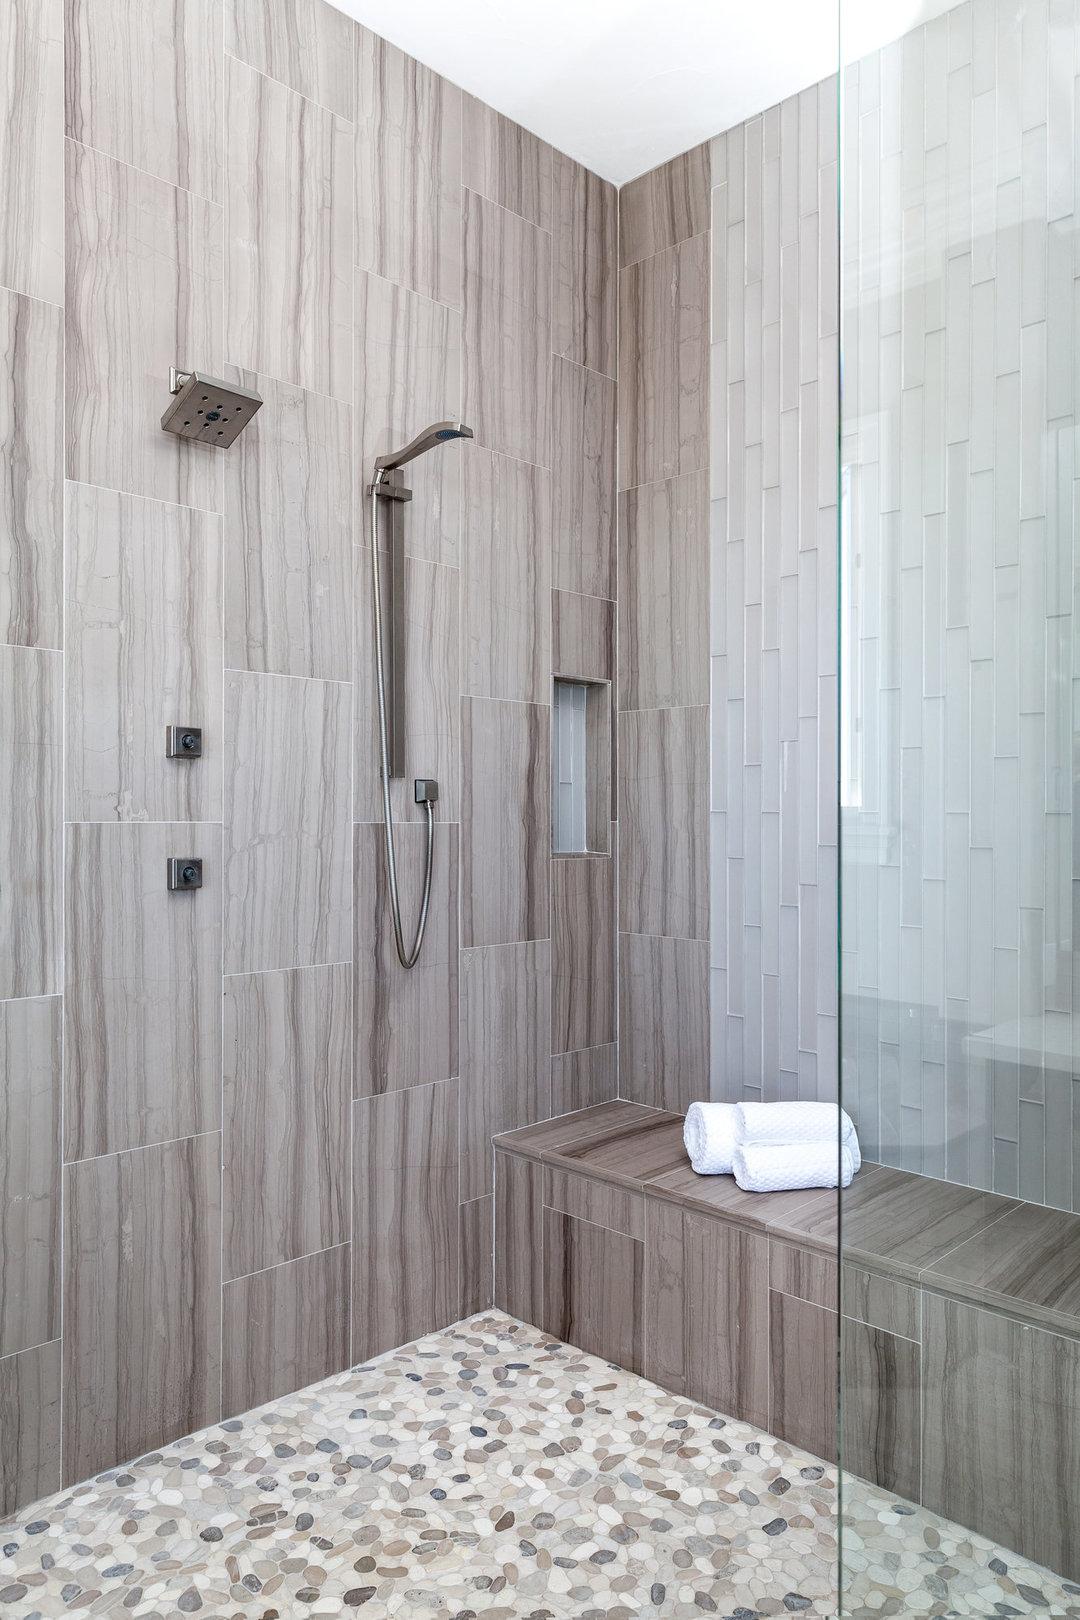 Bathroom Remodeling in Long Beach, CA